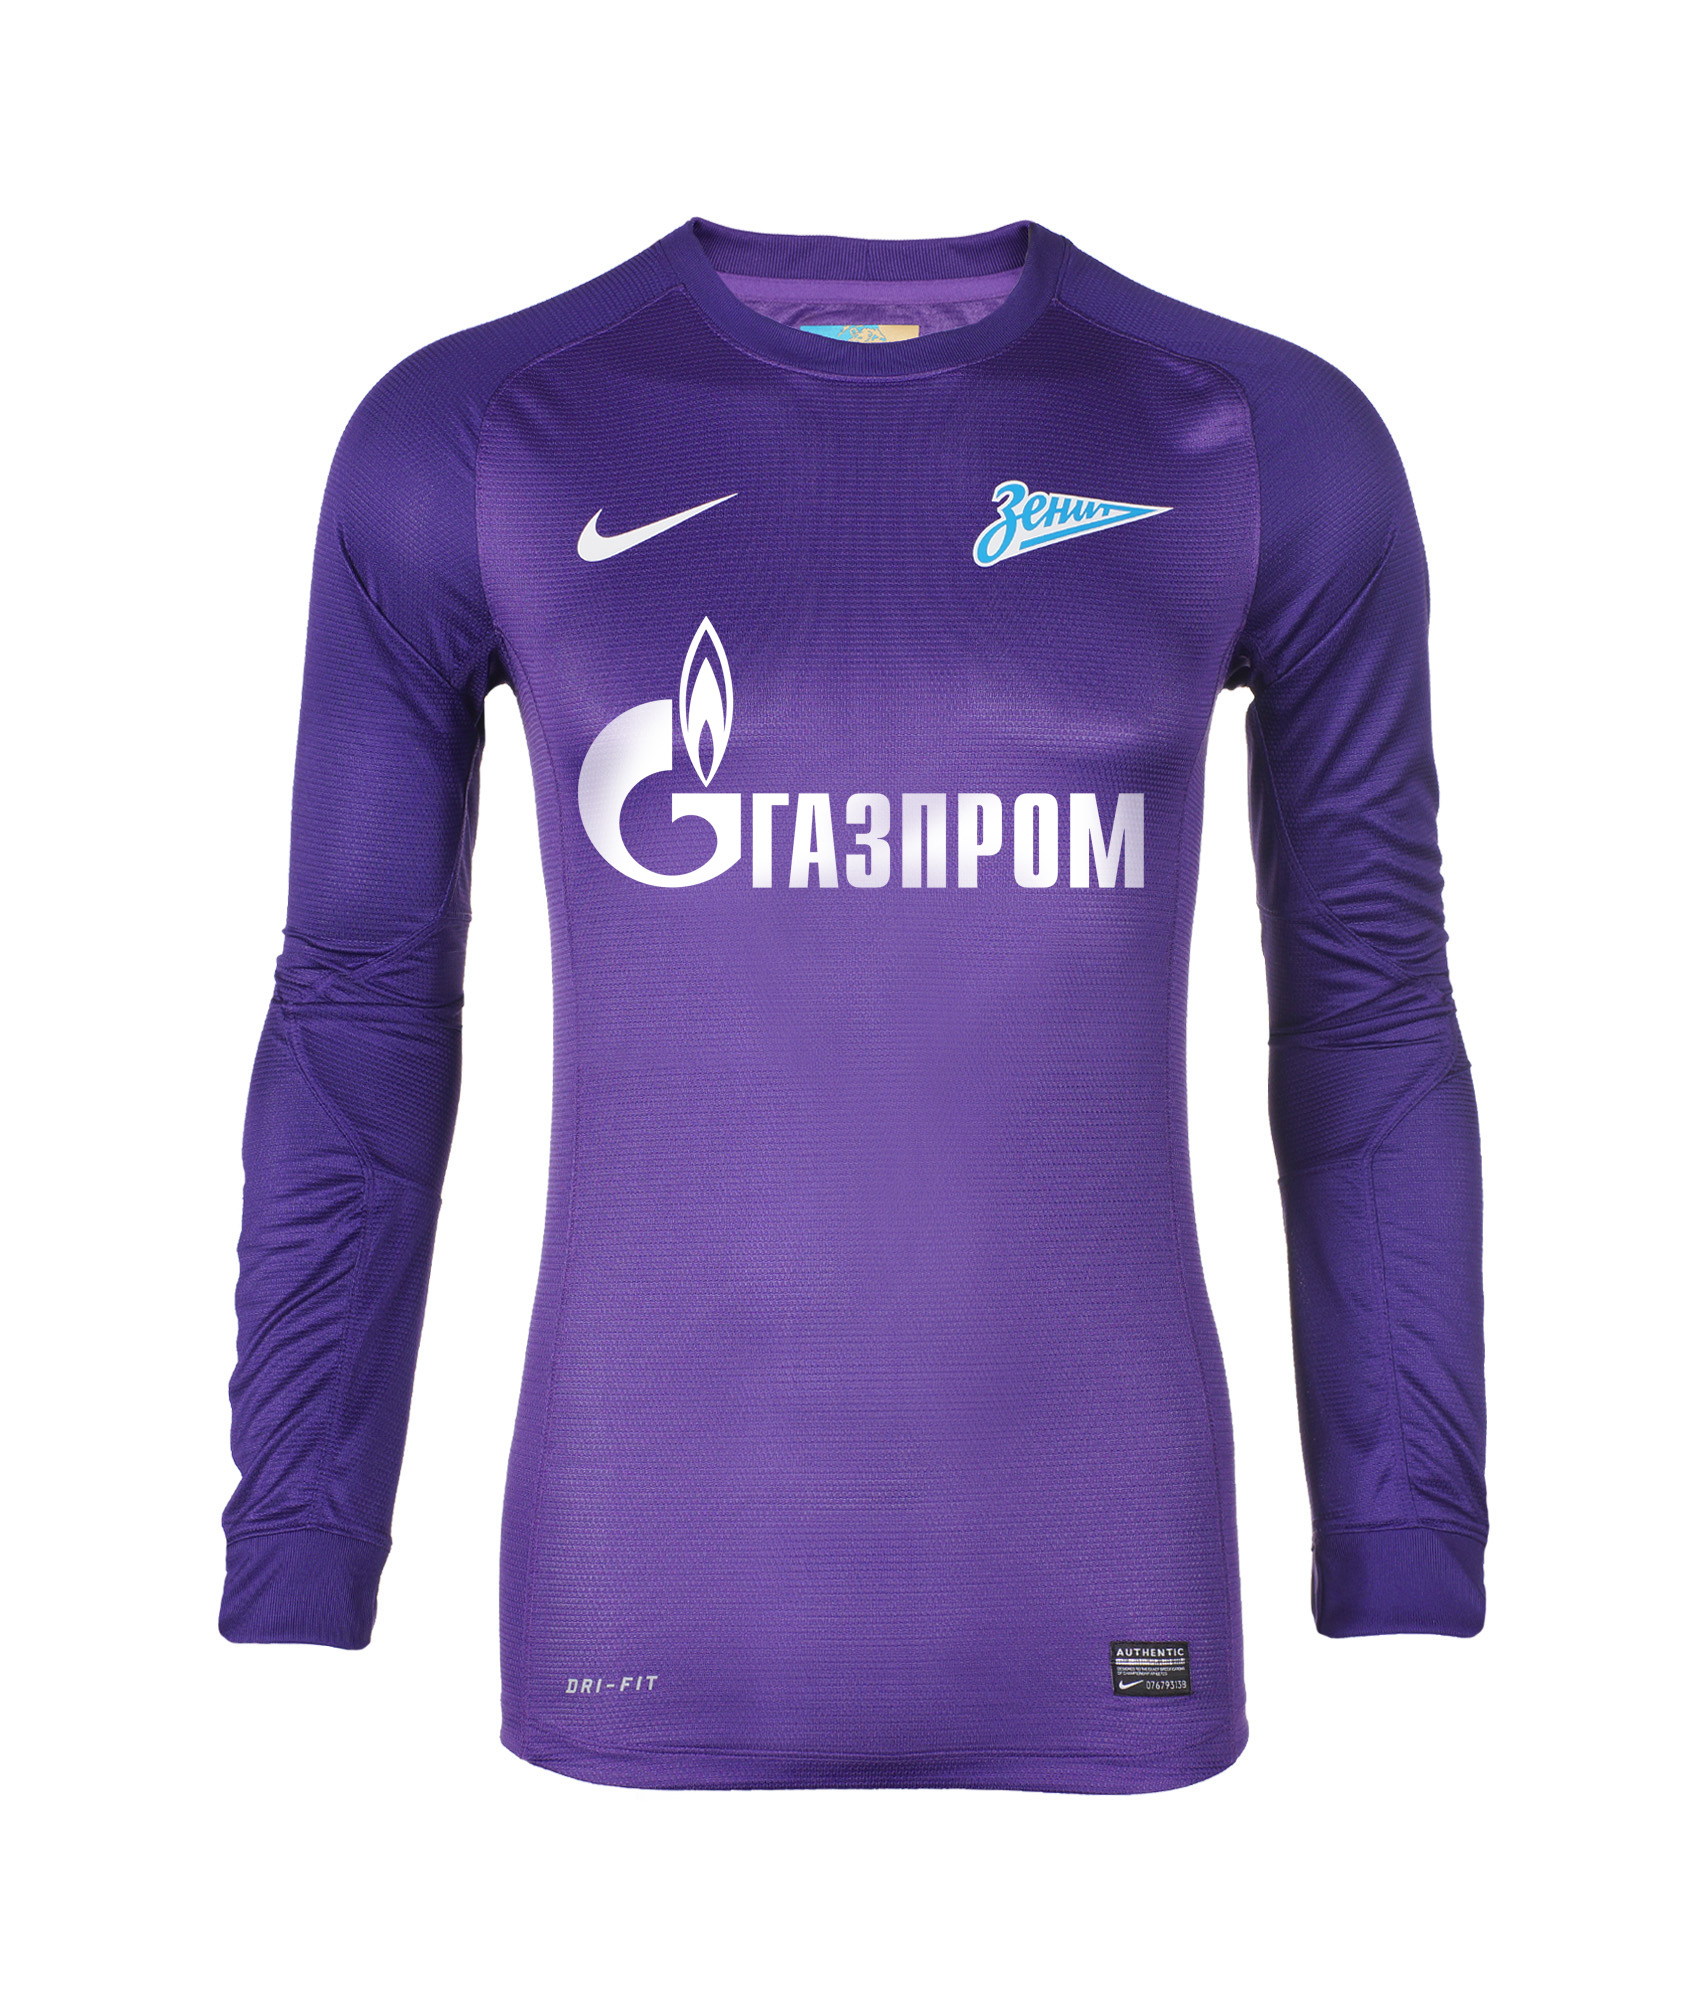 Футболка вратарская с длинным рукавом, Цвет-Фиолетовый, Размер-S